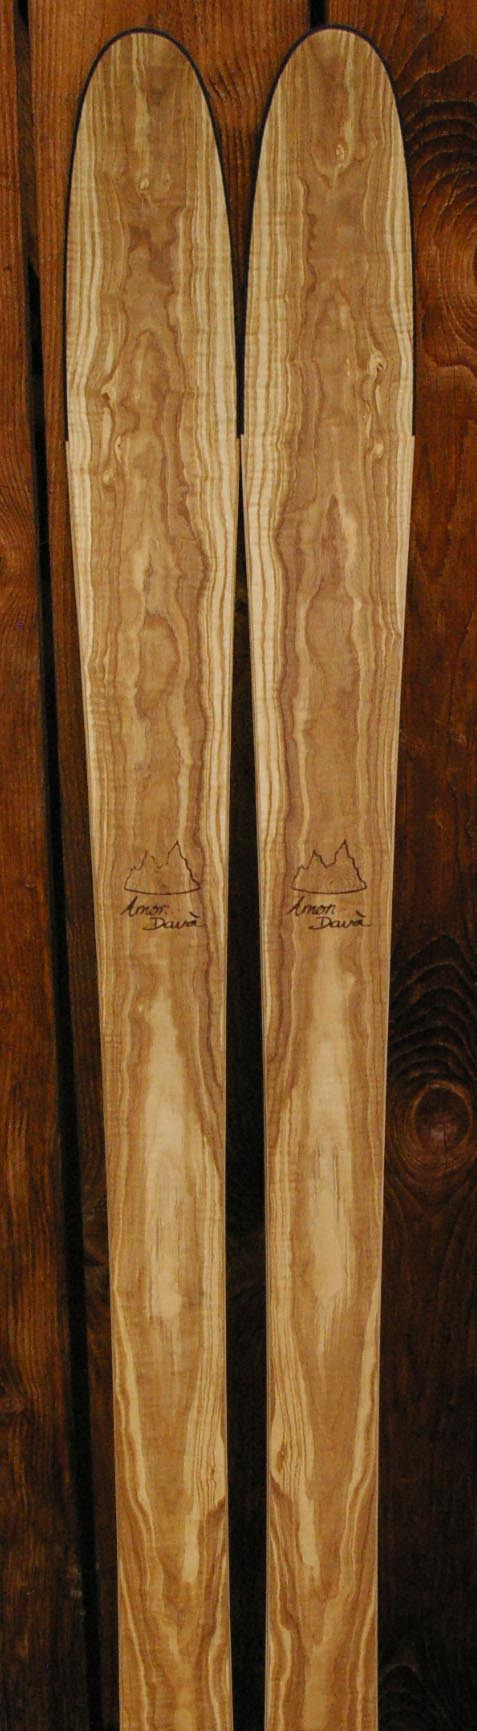 amon dava ski bois frene olivier